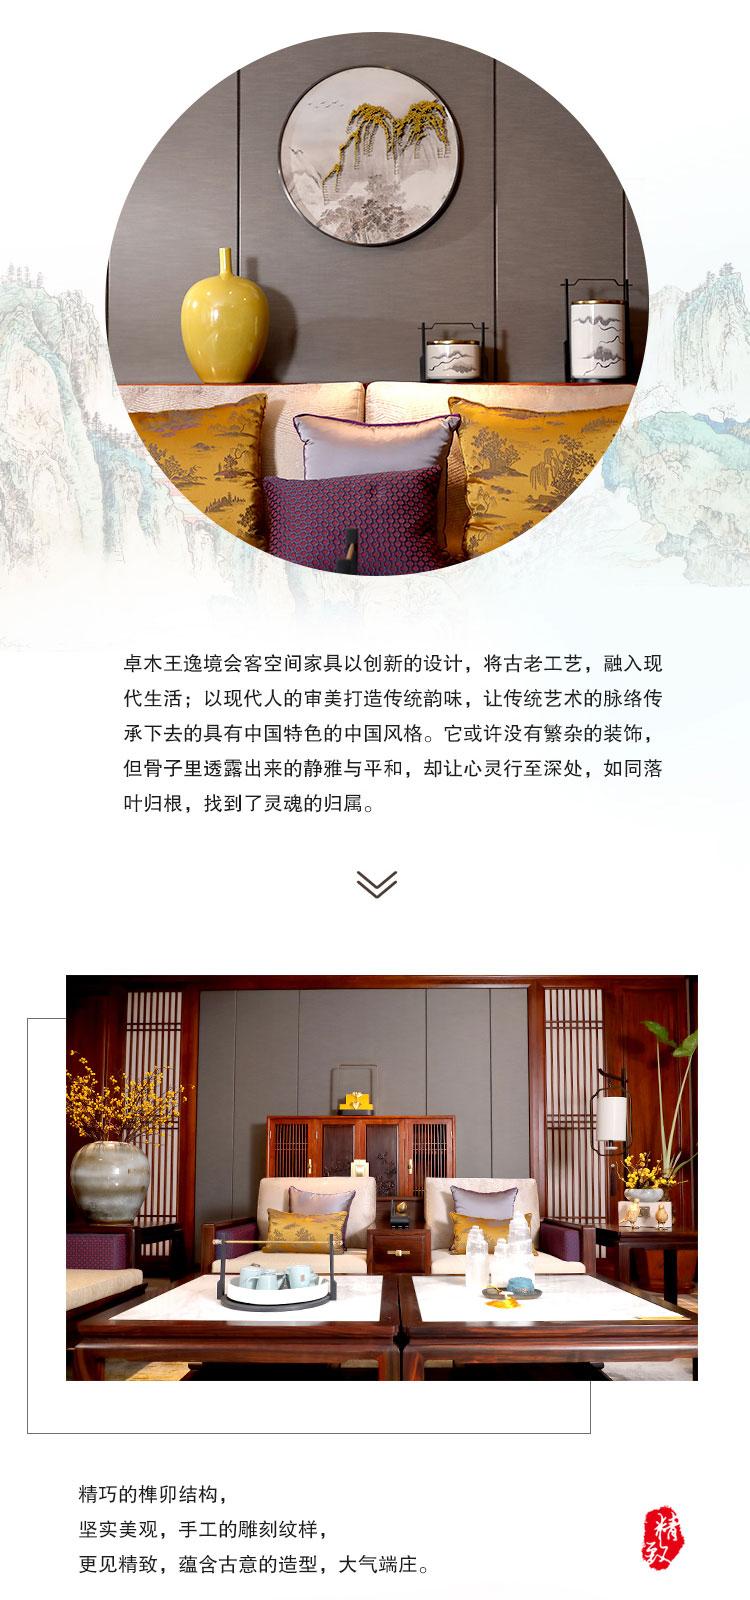 卓木王腾讯产品介绍逸境沙发-2.jpg